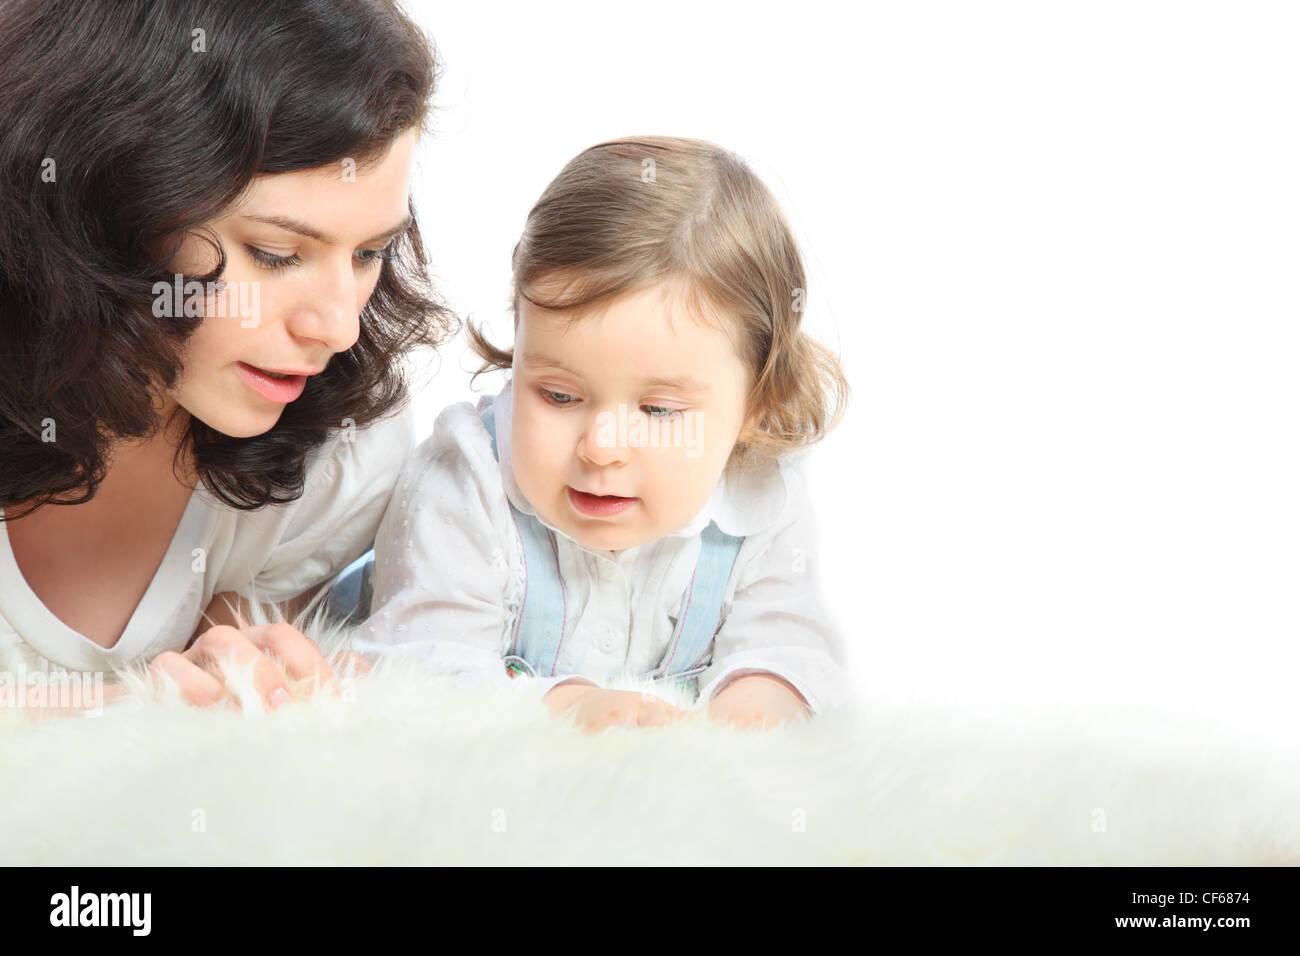 Une mère et sa petite fille se trouvent sur des tapis moelleux blanc Photo Stock